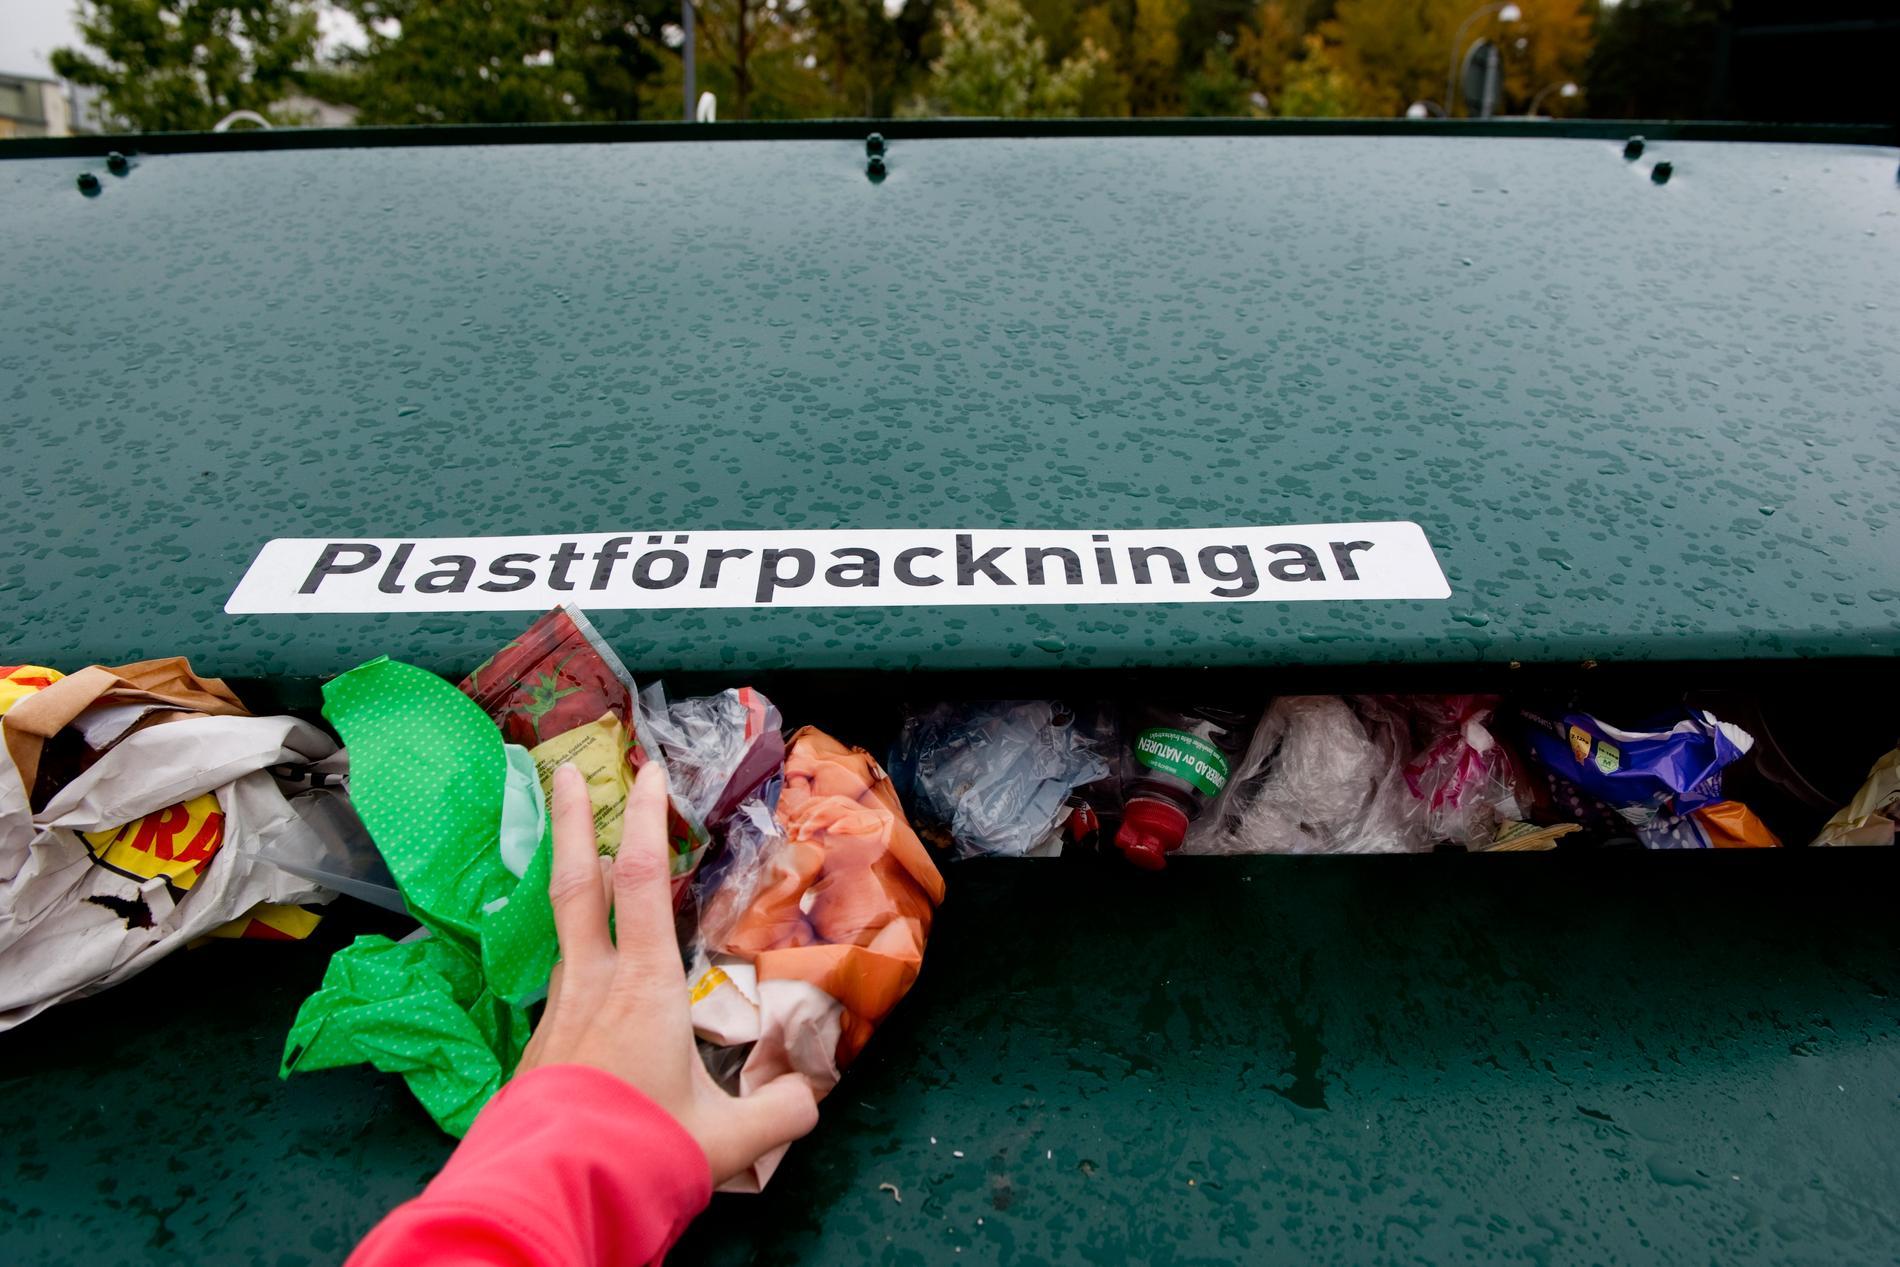 Återvinning av plast på en återvinningsstation. Arkivbild.